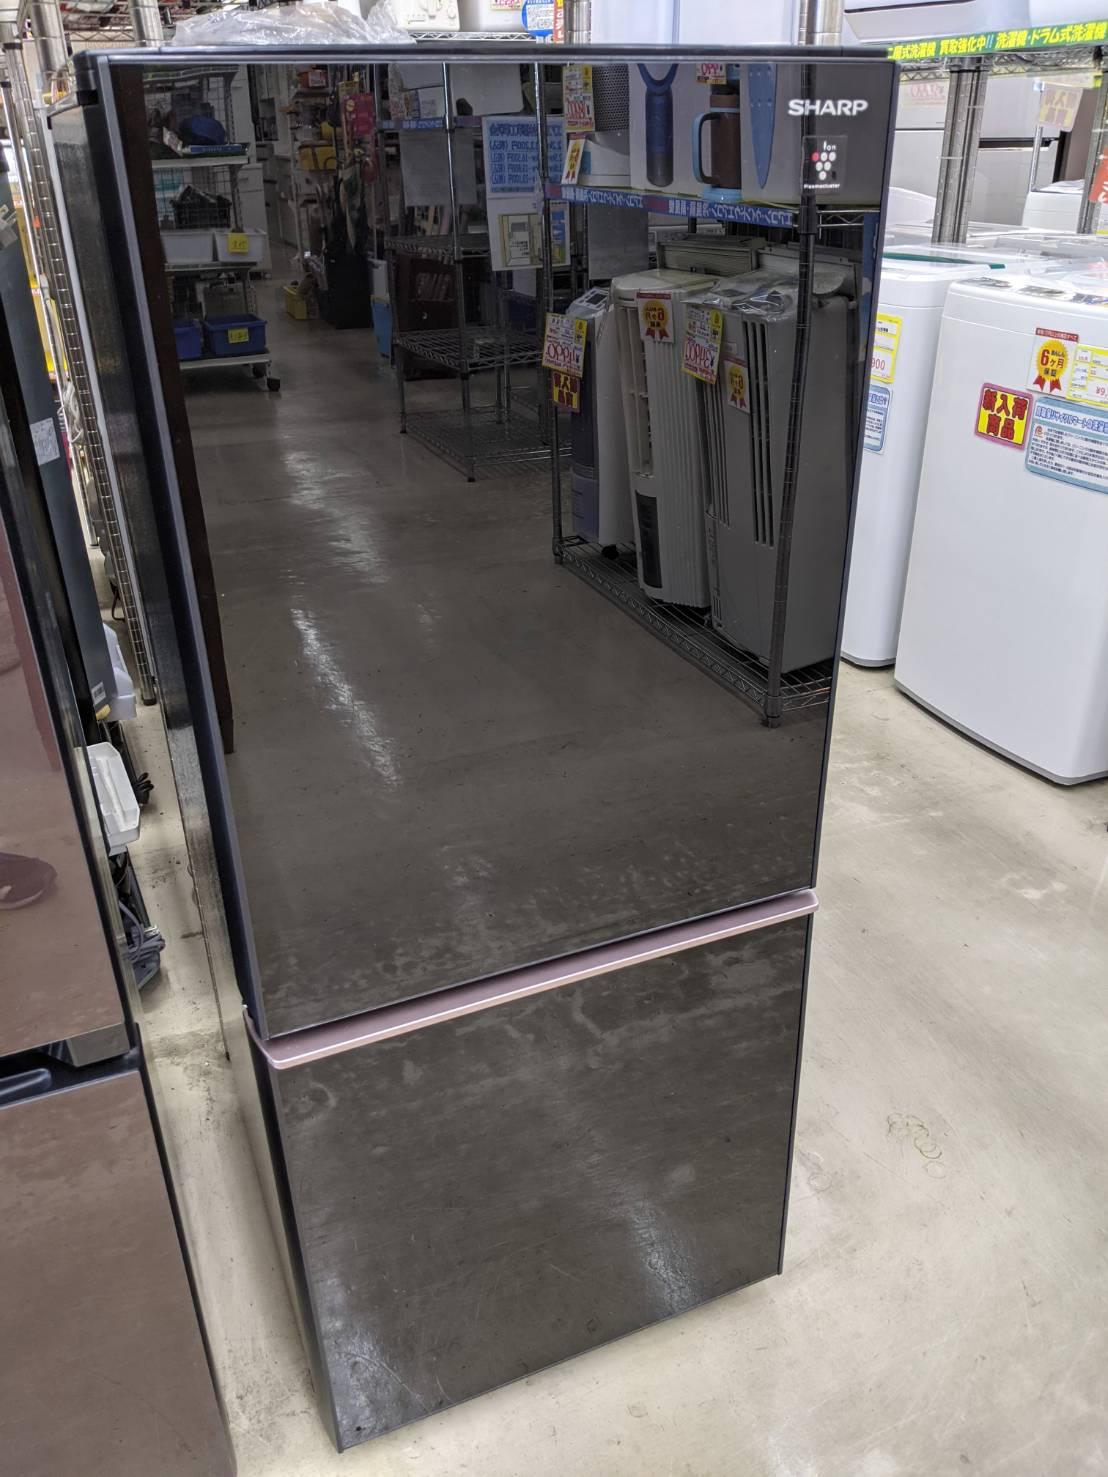 【SHARP 137L 冷蔵庫 SJ-GD14E 2018年式 ガラストップ プラズマクラスター】を買取いたしました!の買取-